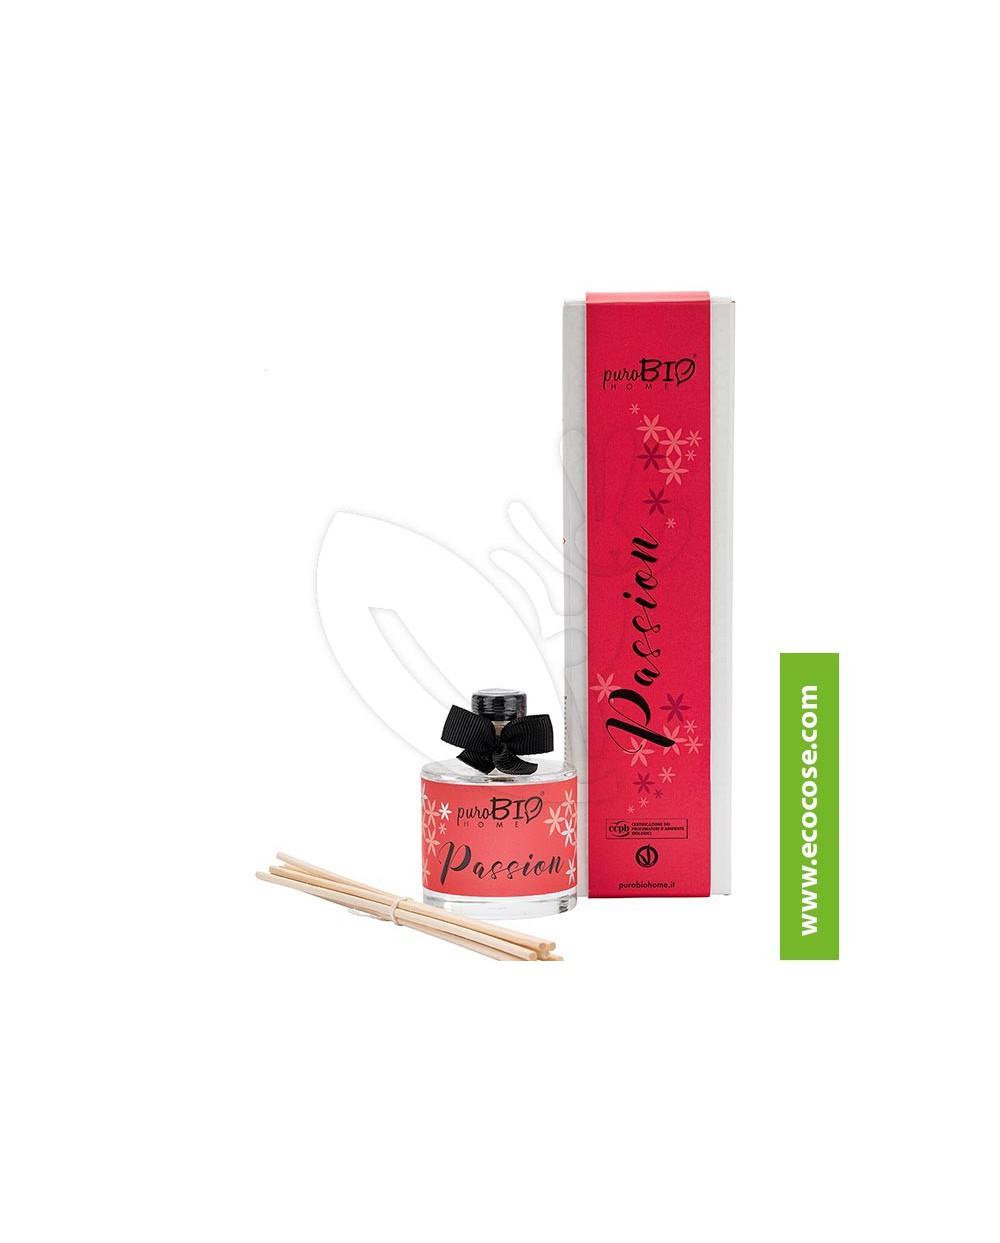 PuroBIO Home - Diffusore di Fragranza Biologico Passion